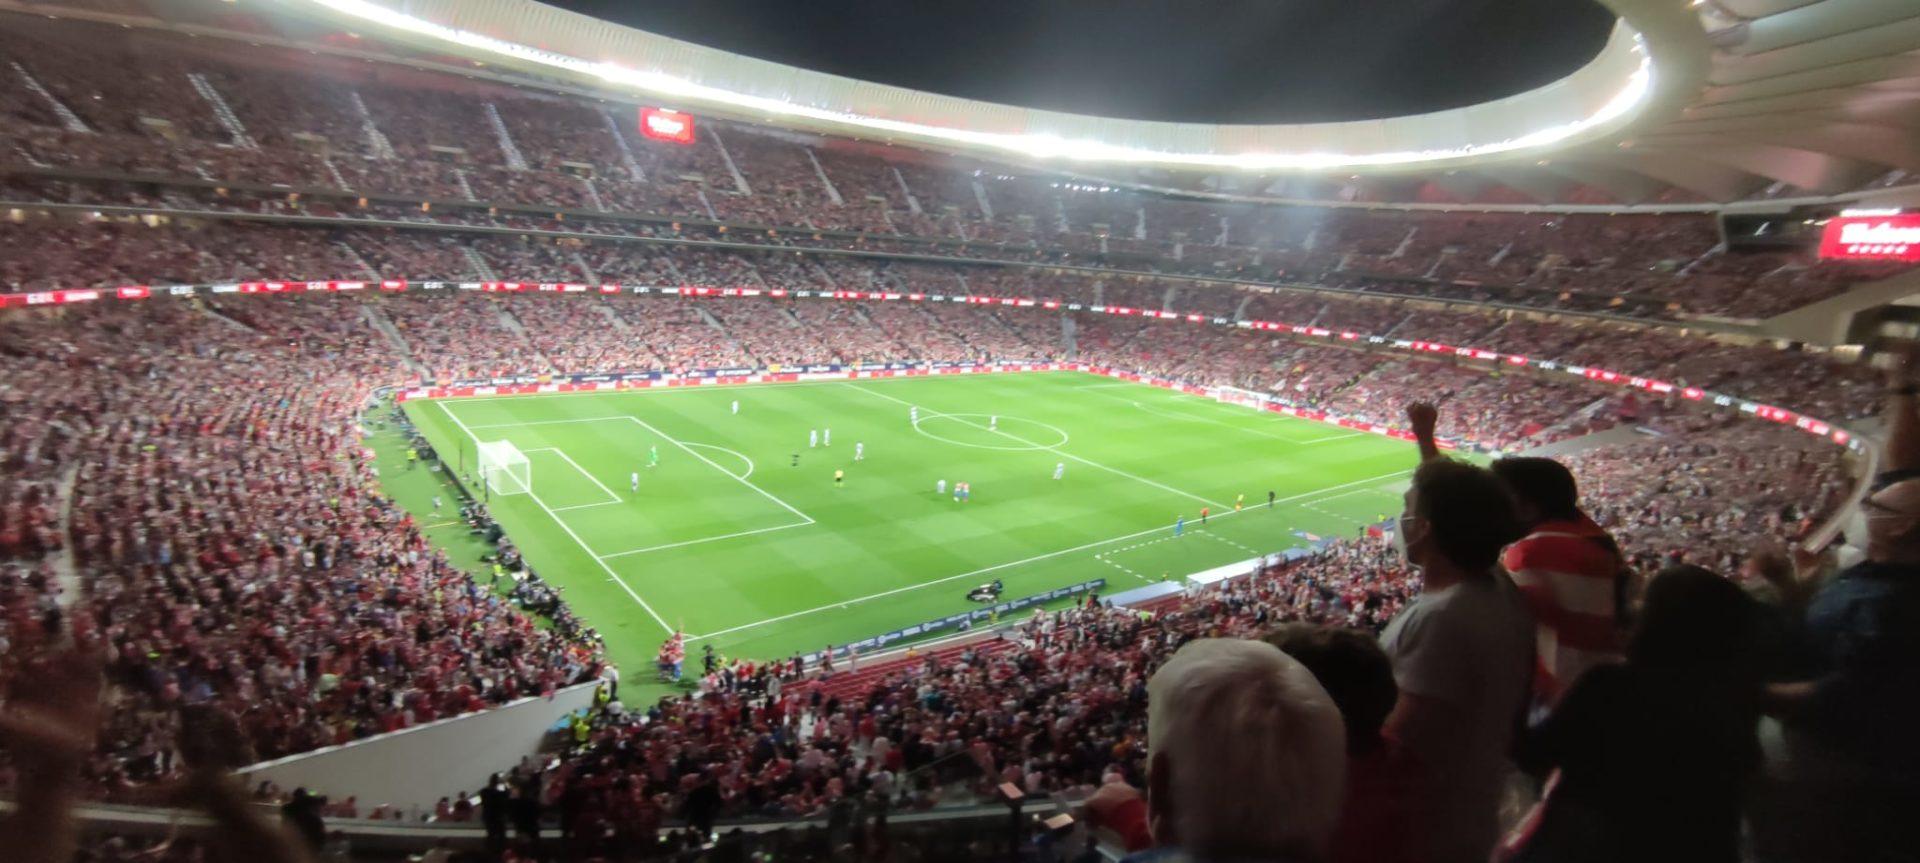 VÍDEO BLOG #Minuto92 Crónica de una semana en Madrid Día 1